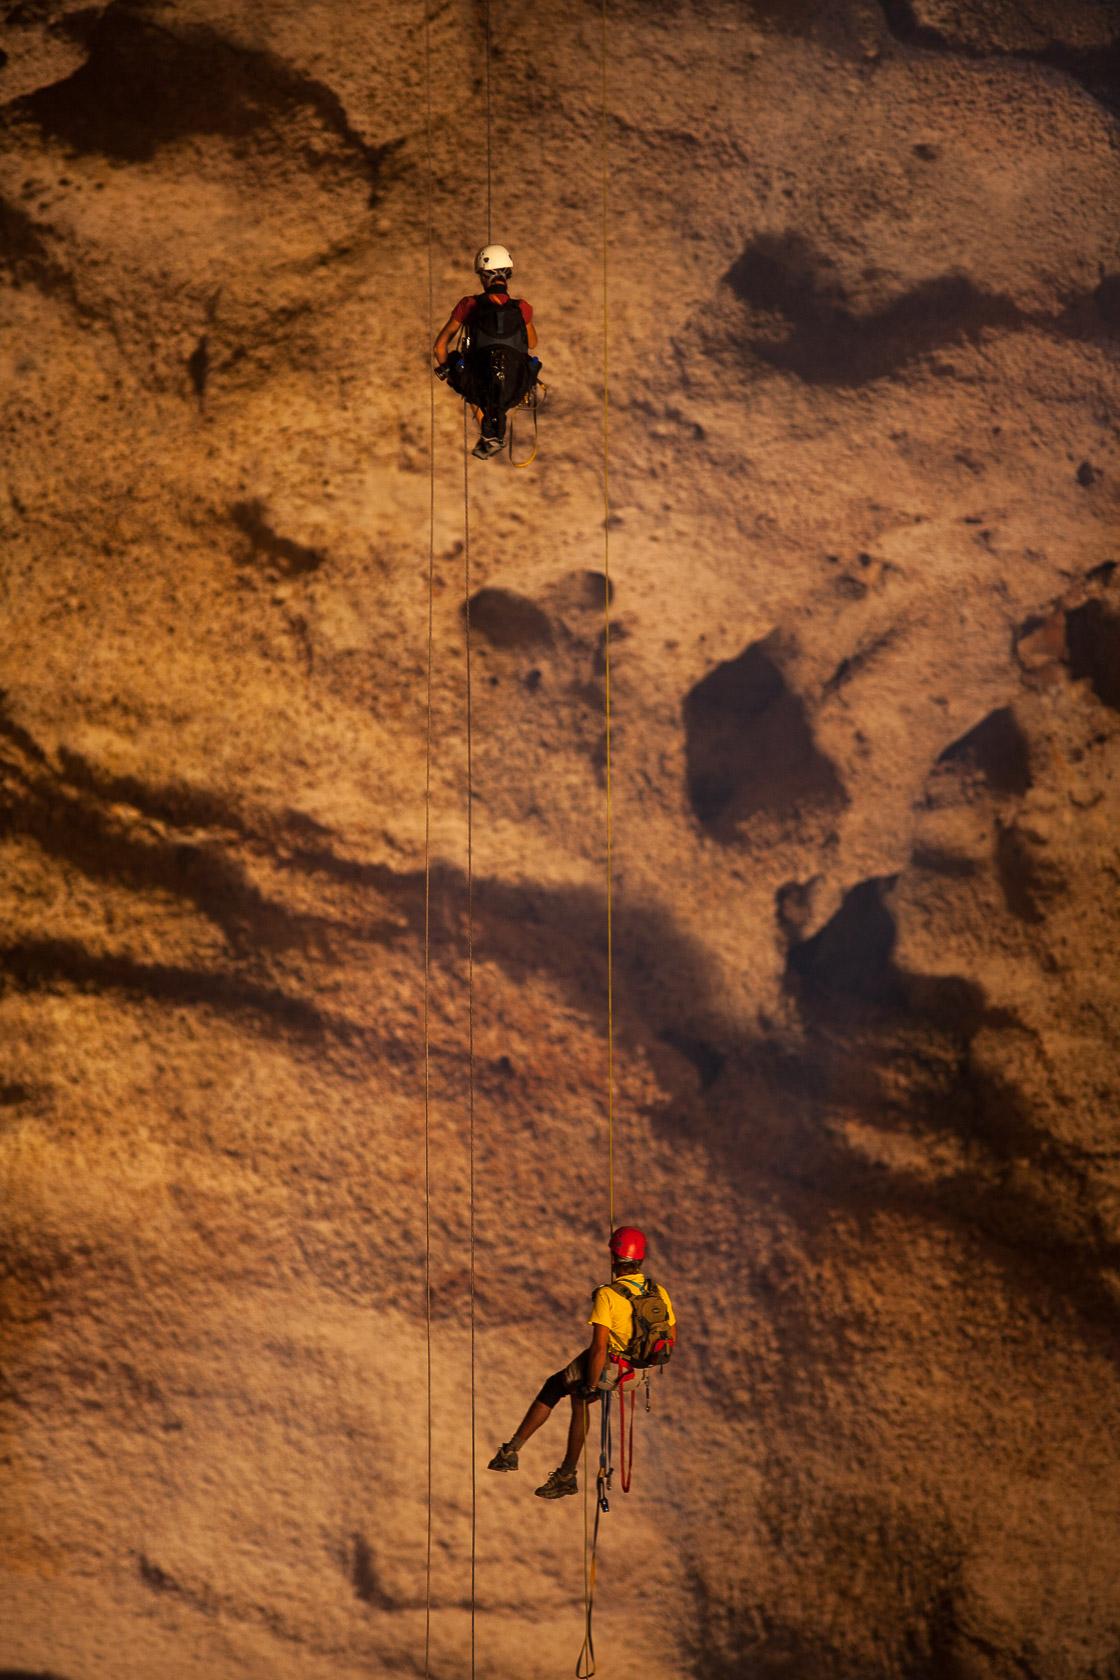 descente en rappel dans la grotte de Majilis Al Jins, sur le Salmah Plateau à Oman